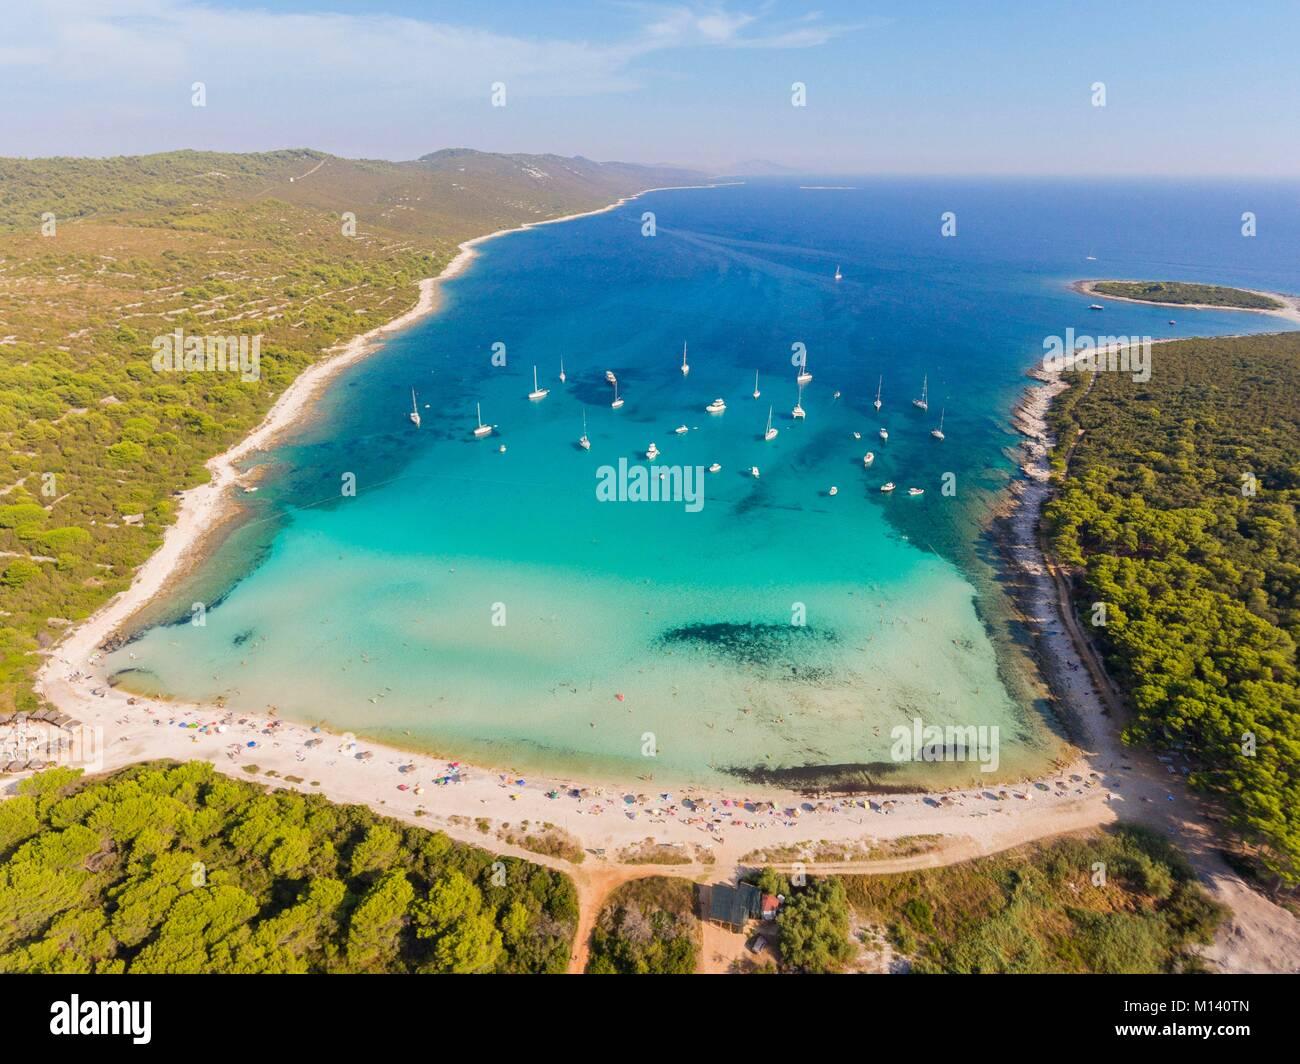 Croatia, North Dalmatia, Dalmatian coast, Zadar archipelago, Dugi Otok island, Sakarun beach (aerial view) - Stock Image